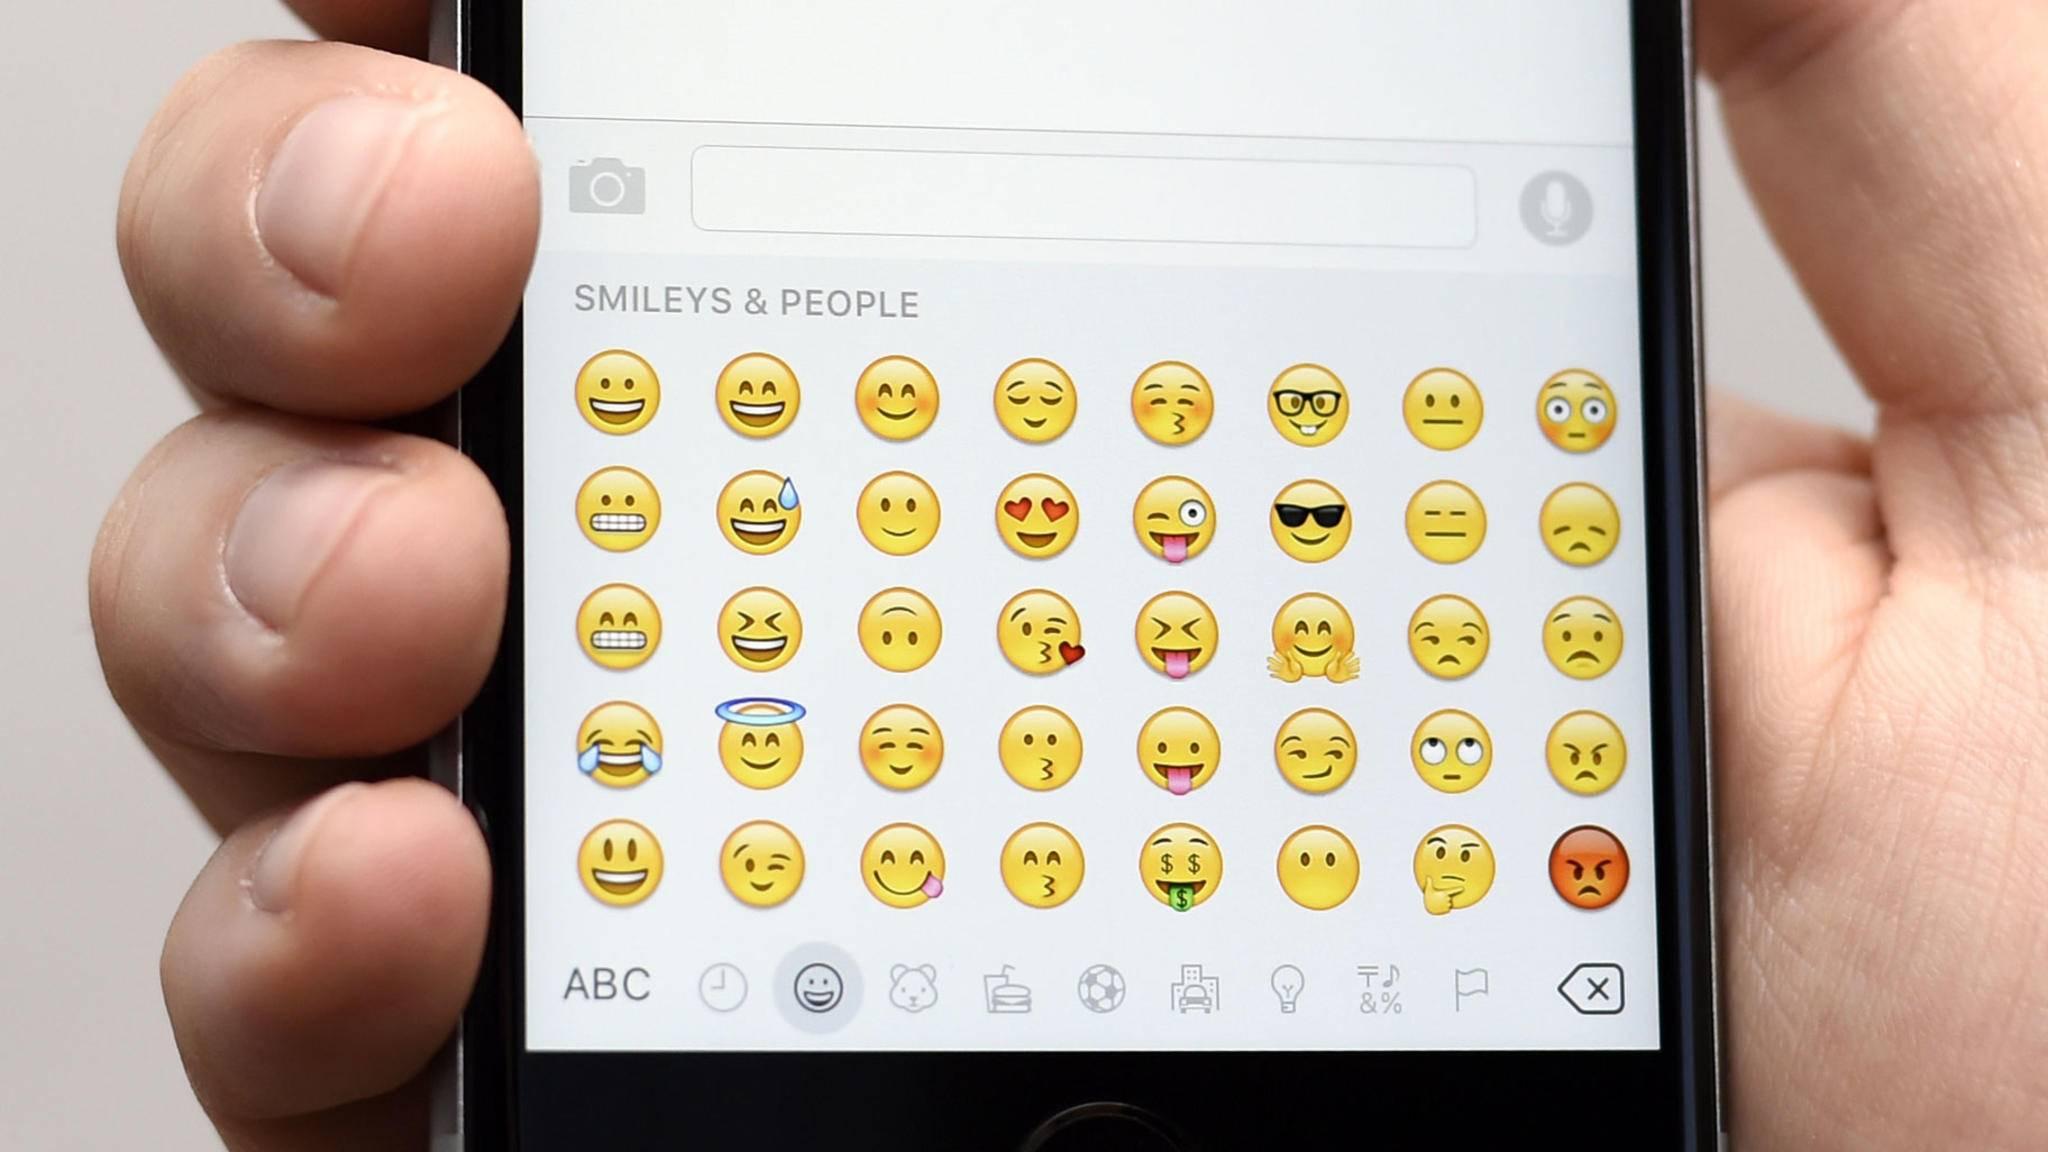 Mit iOS 10 wurde die Emoji-Tastatur um neue Features erweitert.